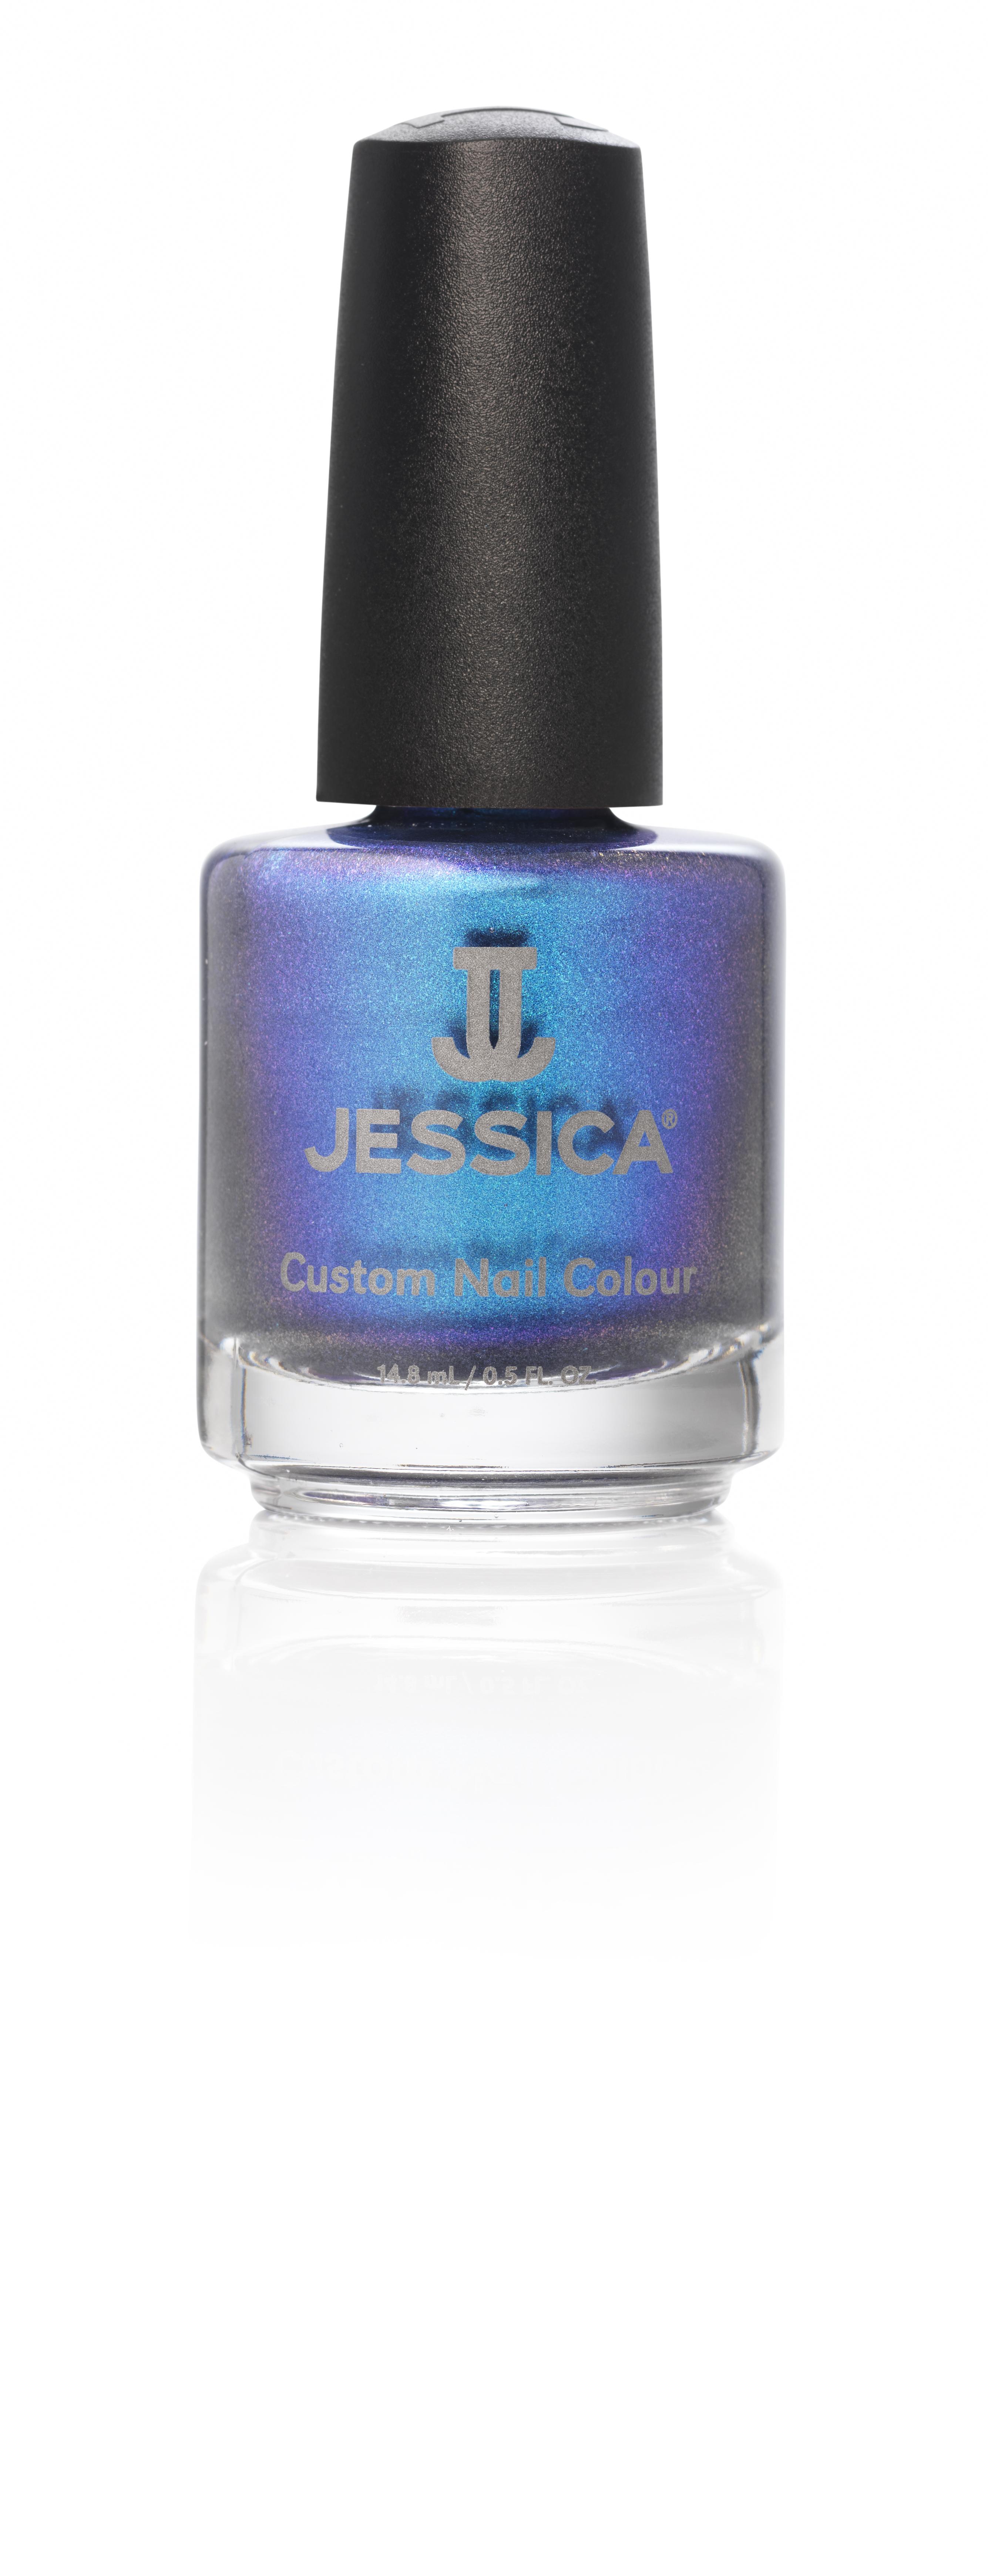 Jessica Лак для ногтей 945 Krishna Blue 14,8 млUPC 945Лаки JESSICA содержат витамины A, Д и Е, обеспечивают дополнительную защиту ногтей и усиливают терапевтическое воздействие базовых средств и средств-корректоров.